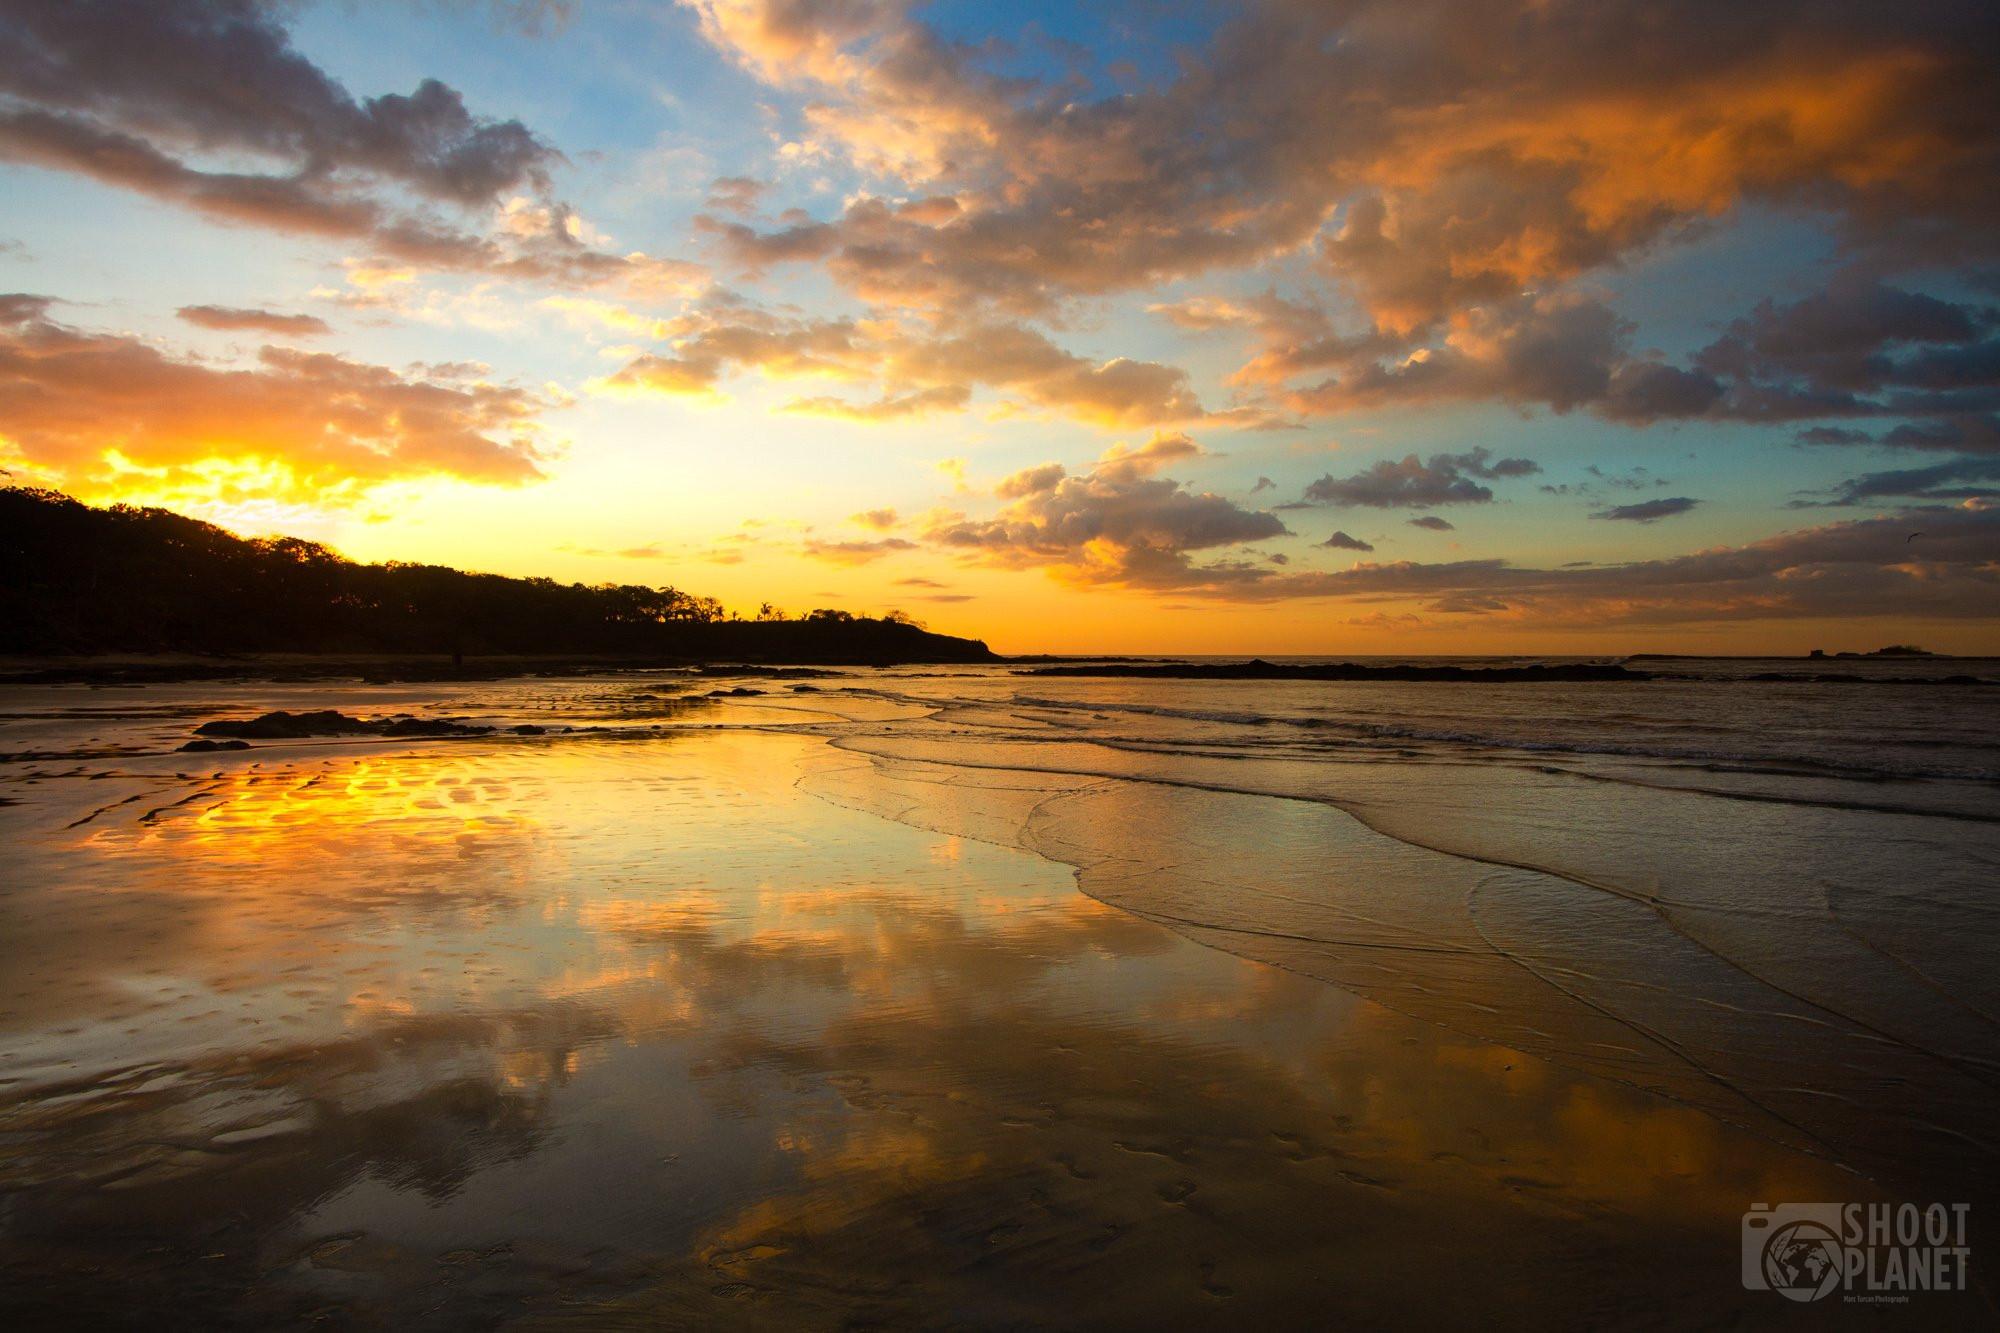 Tamarindo Beach sunset, Costa Rica